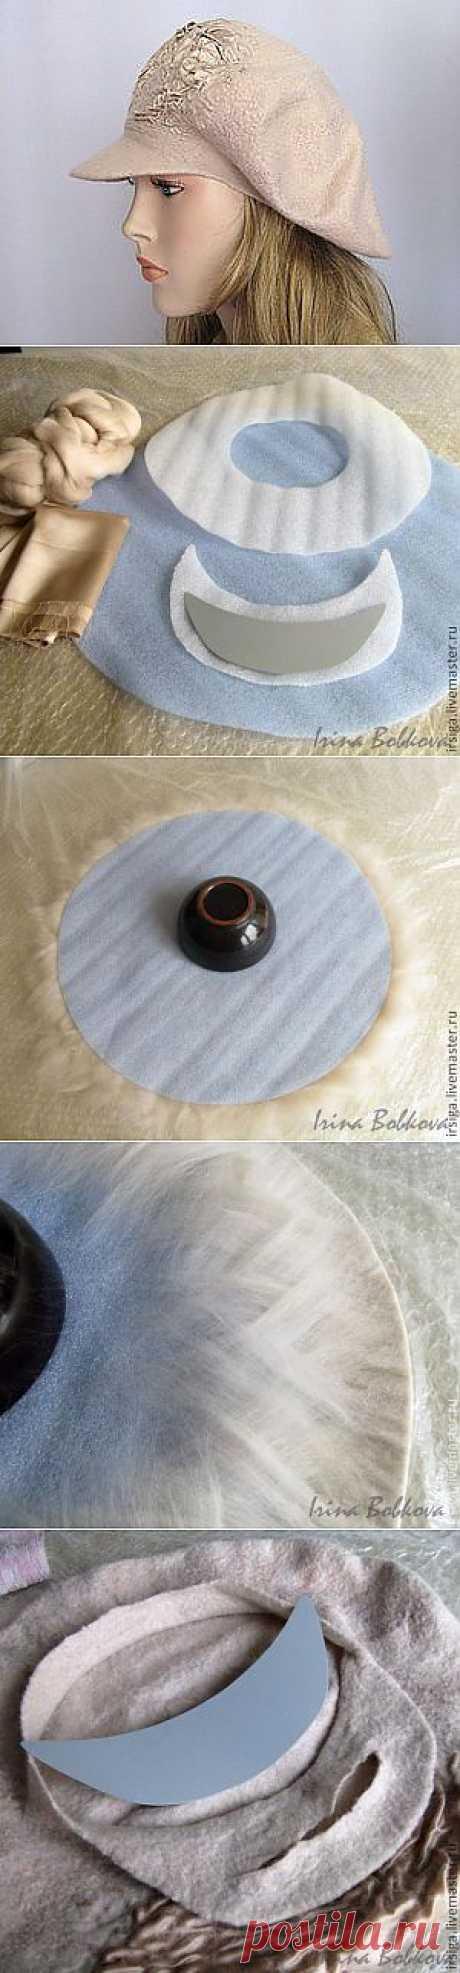 Валяние из шерсти | Записи в рубрике Валяние из шерсти | Дневник НаденькаВасильевна